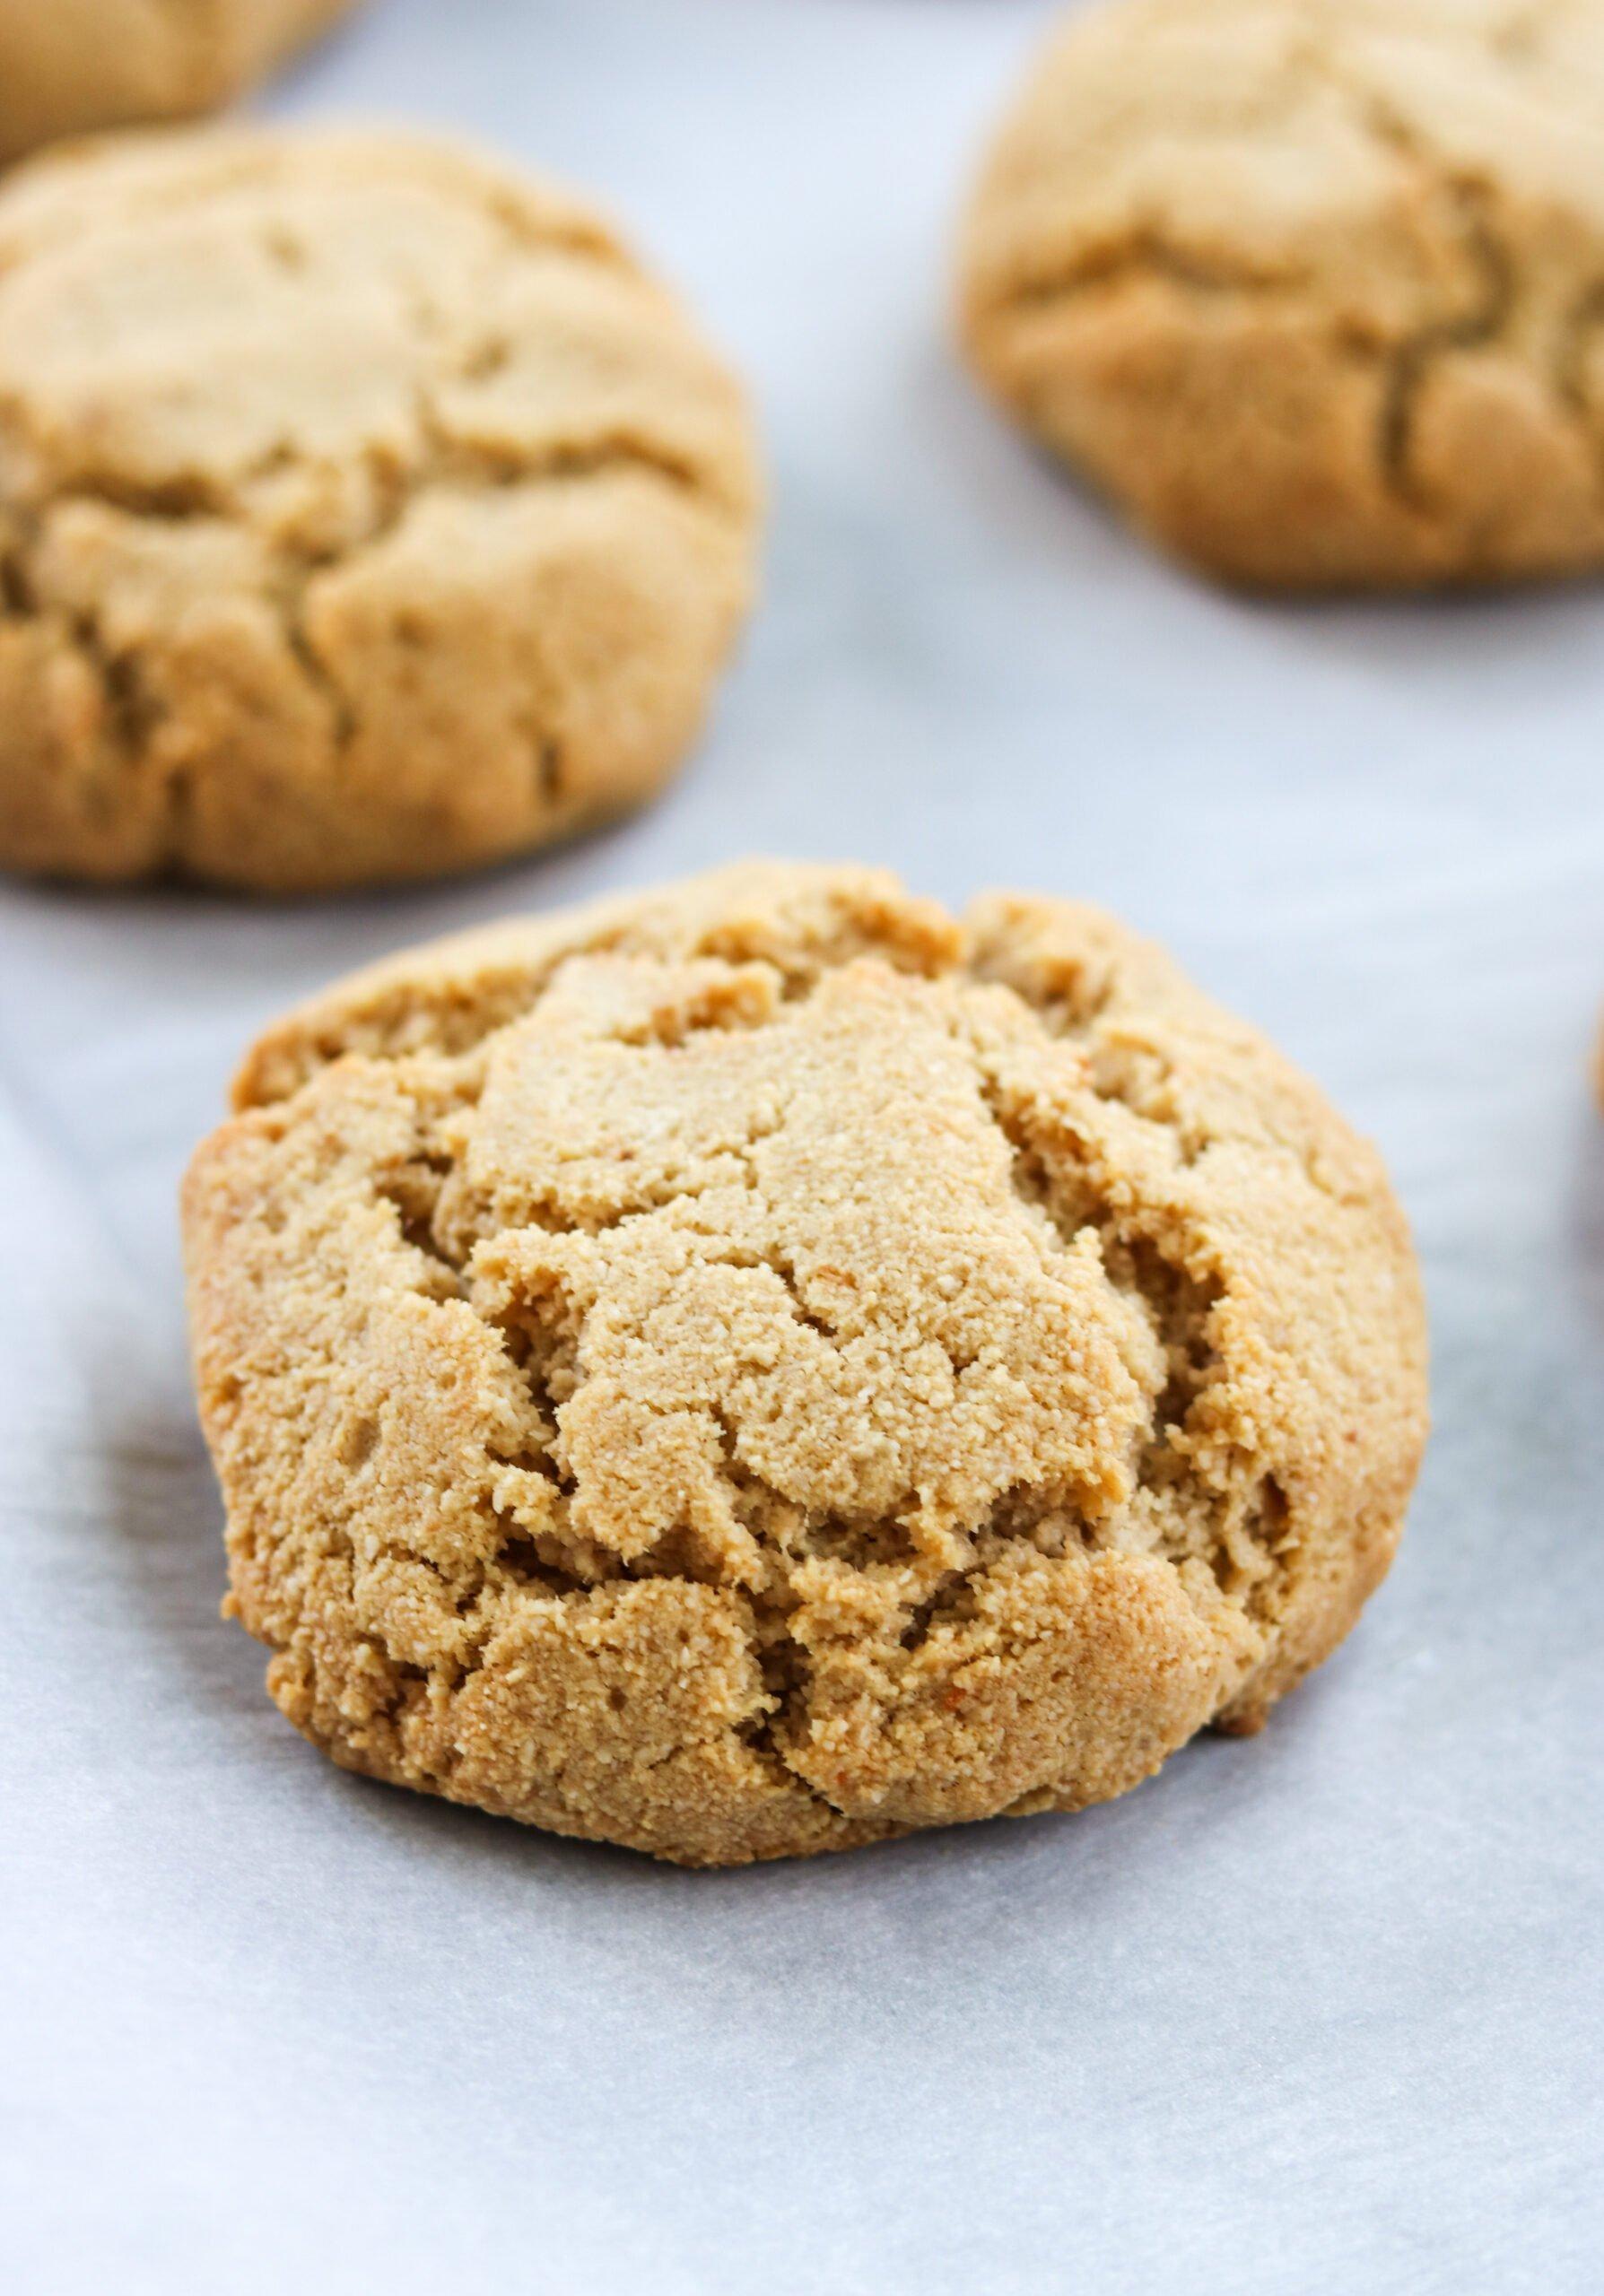 Paleo Strawberry Shortcake grain free biscuit